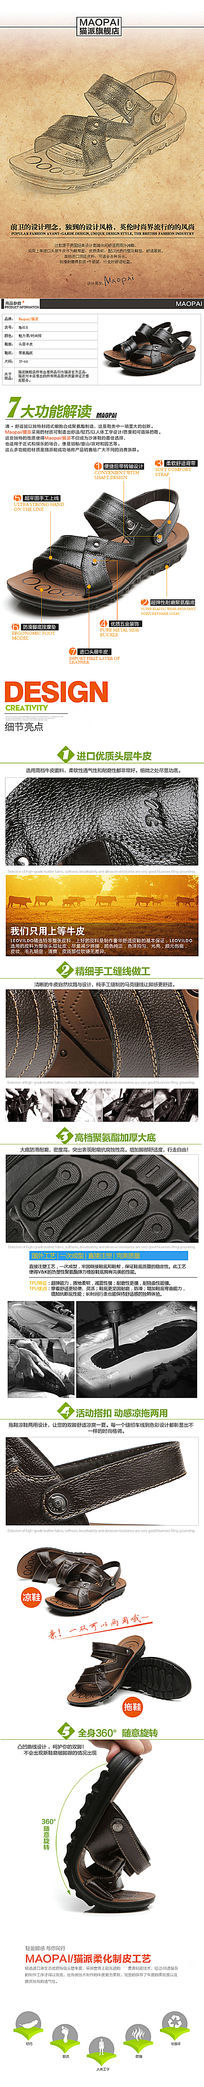 淘宝凉鞋详情页男鞋细节描述PSD模板